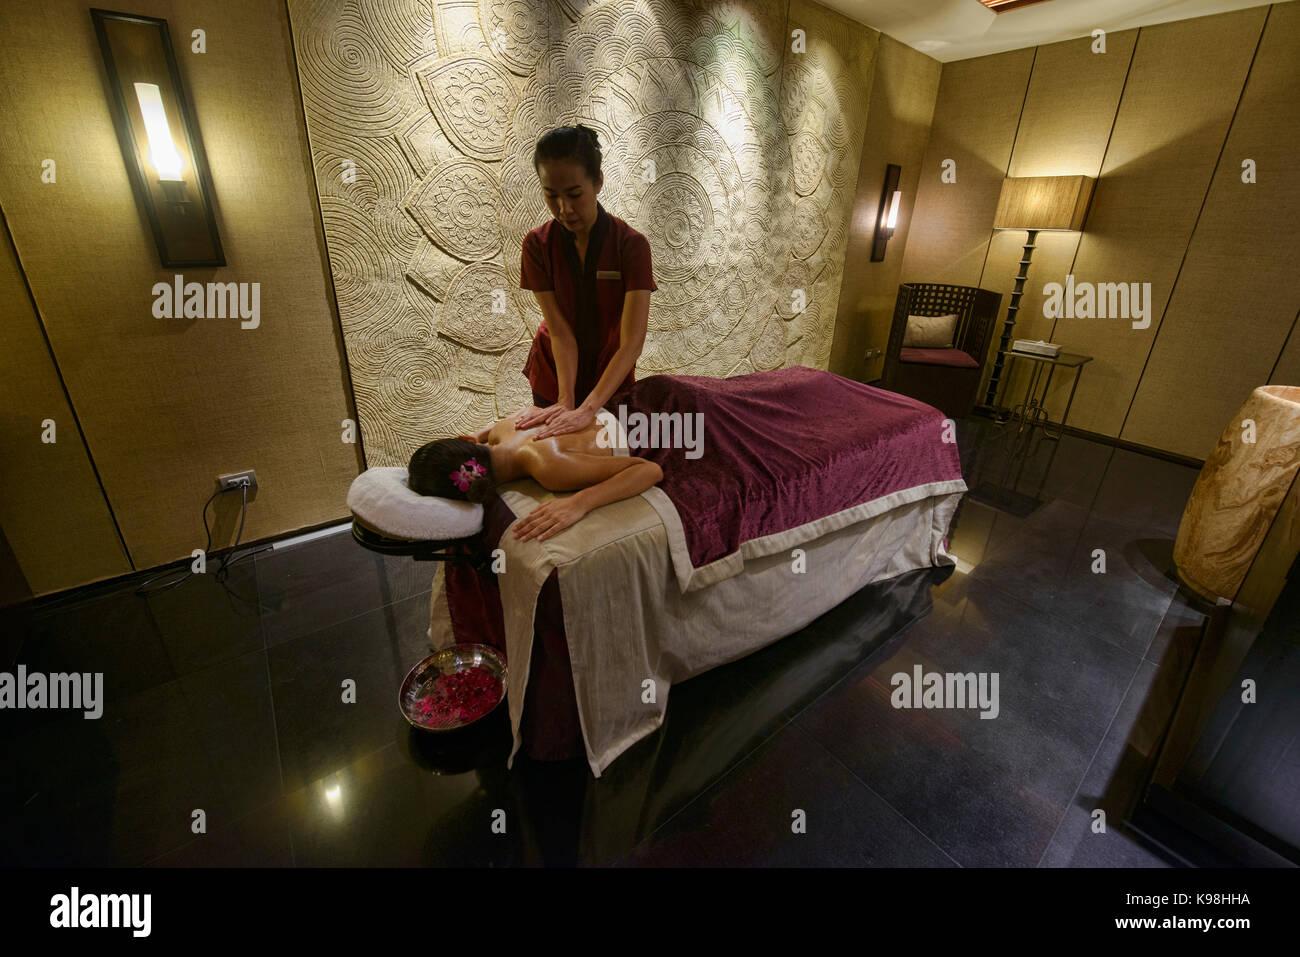 Pampering spa treatment, Bangkok, Thailand - Stock Image